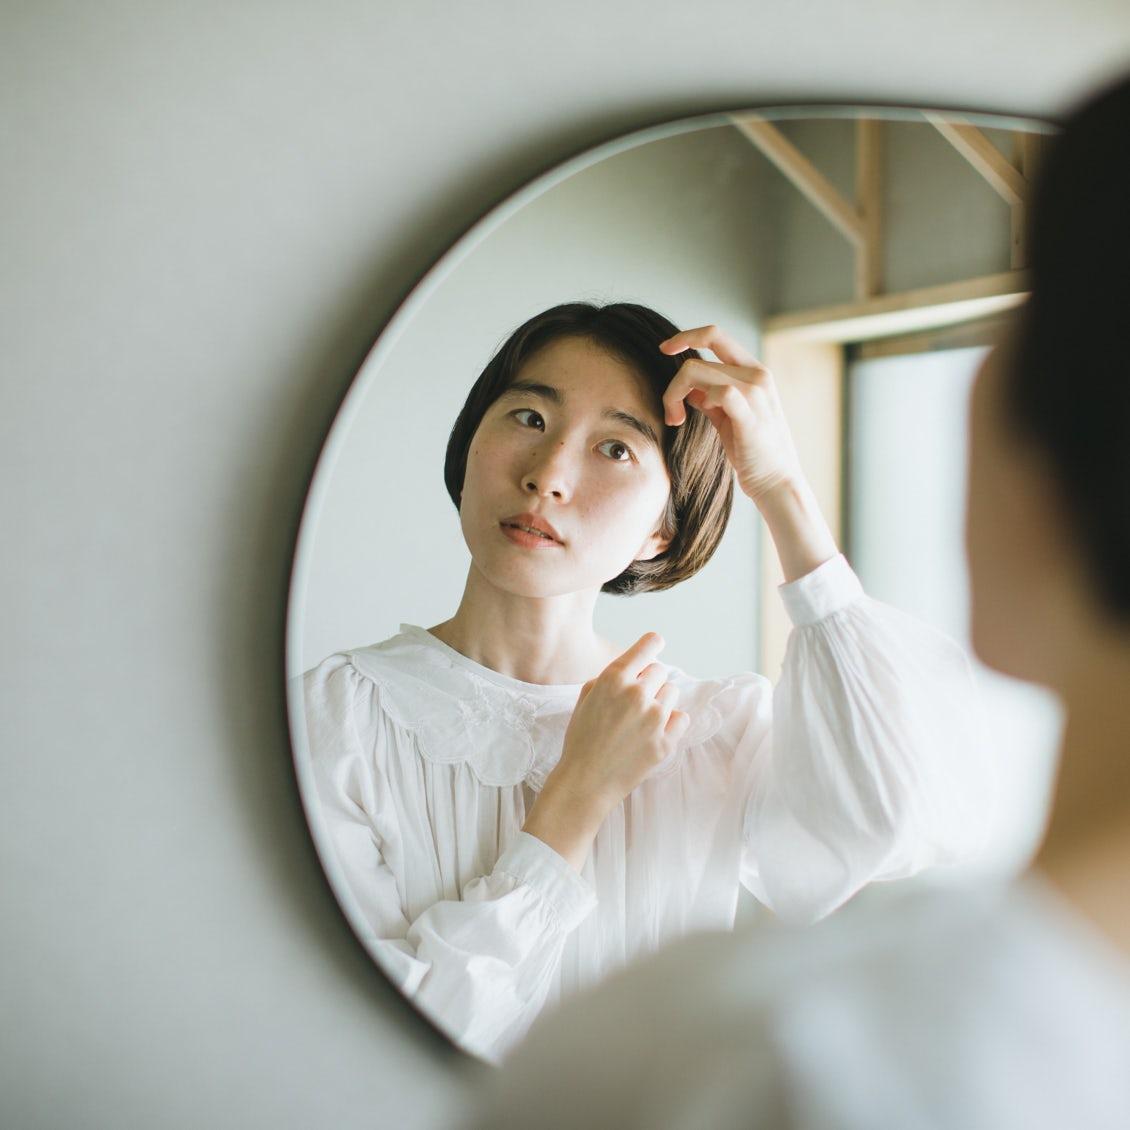 【BRAND NOTE】髪に優しいシャンプーを使いたい。でも、キシキシしやすいのが悩みでした